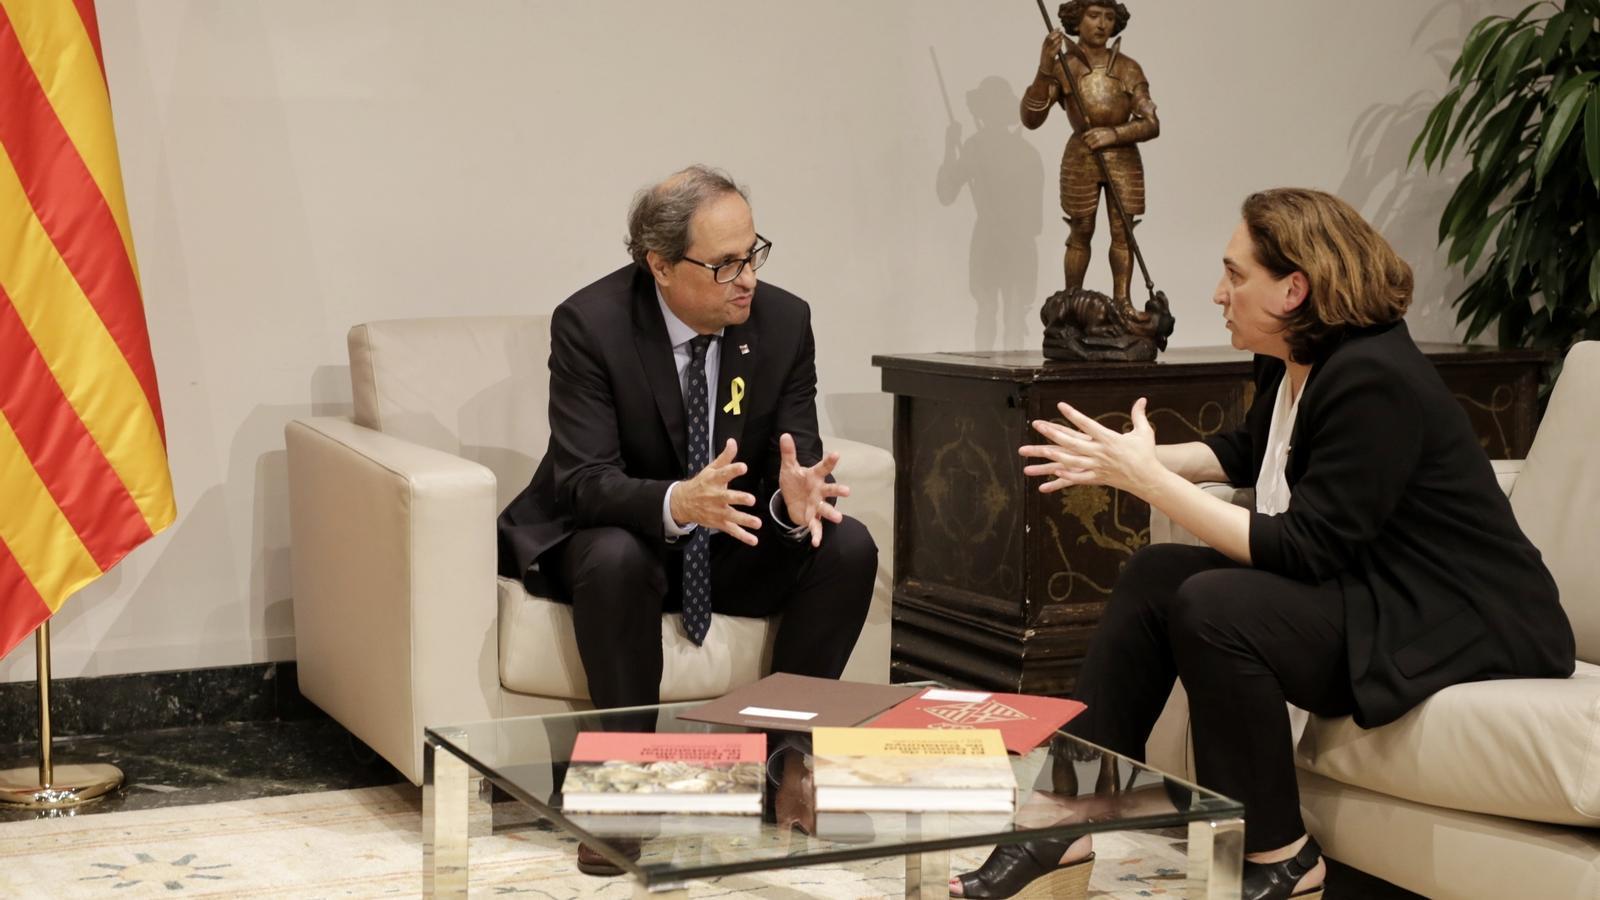 El president de la Generalitat, Quim Torra, i l'alcaldessa de Barcelona, Ada Colau, reunits a Palau